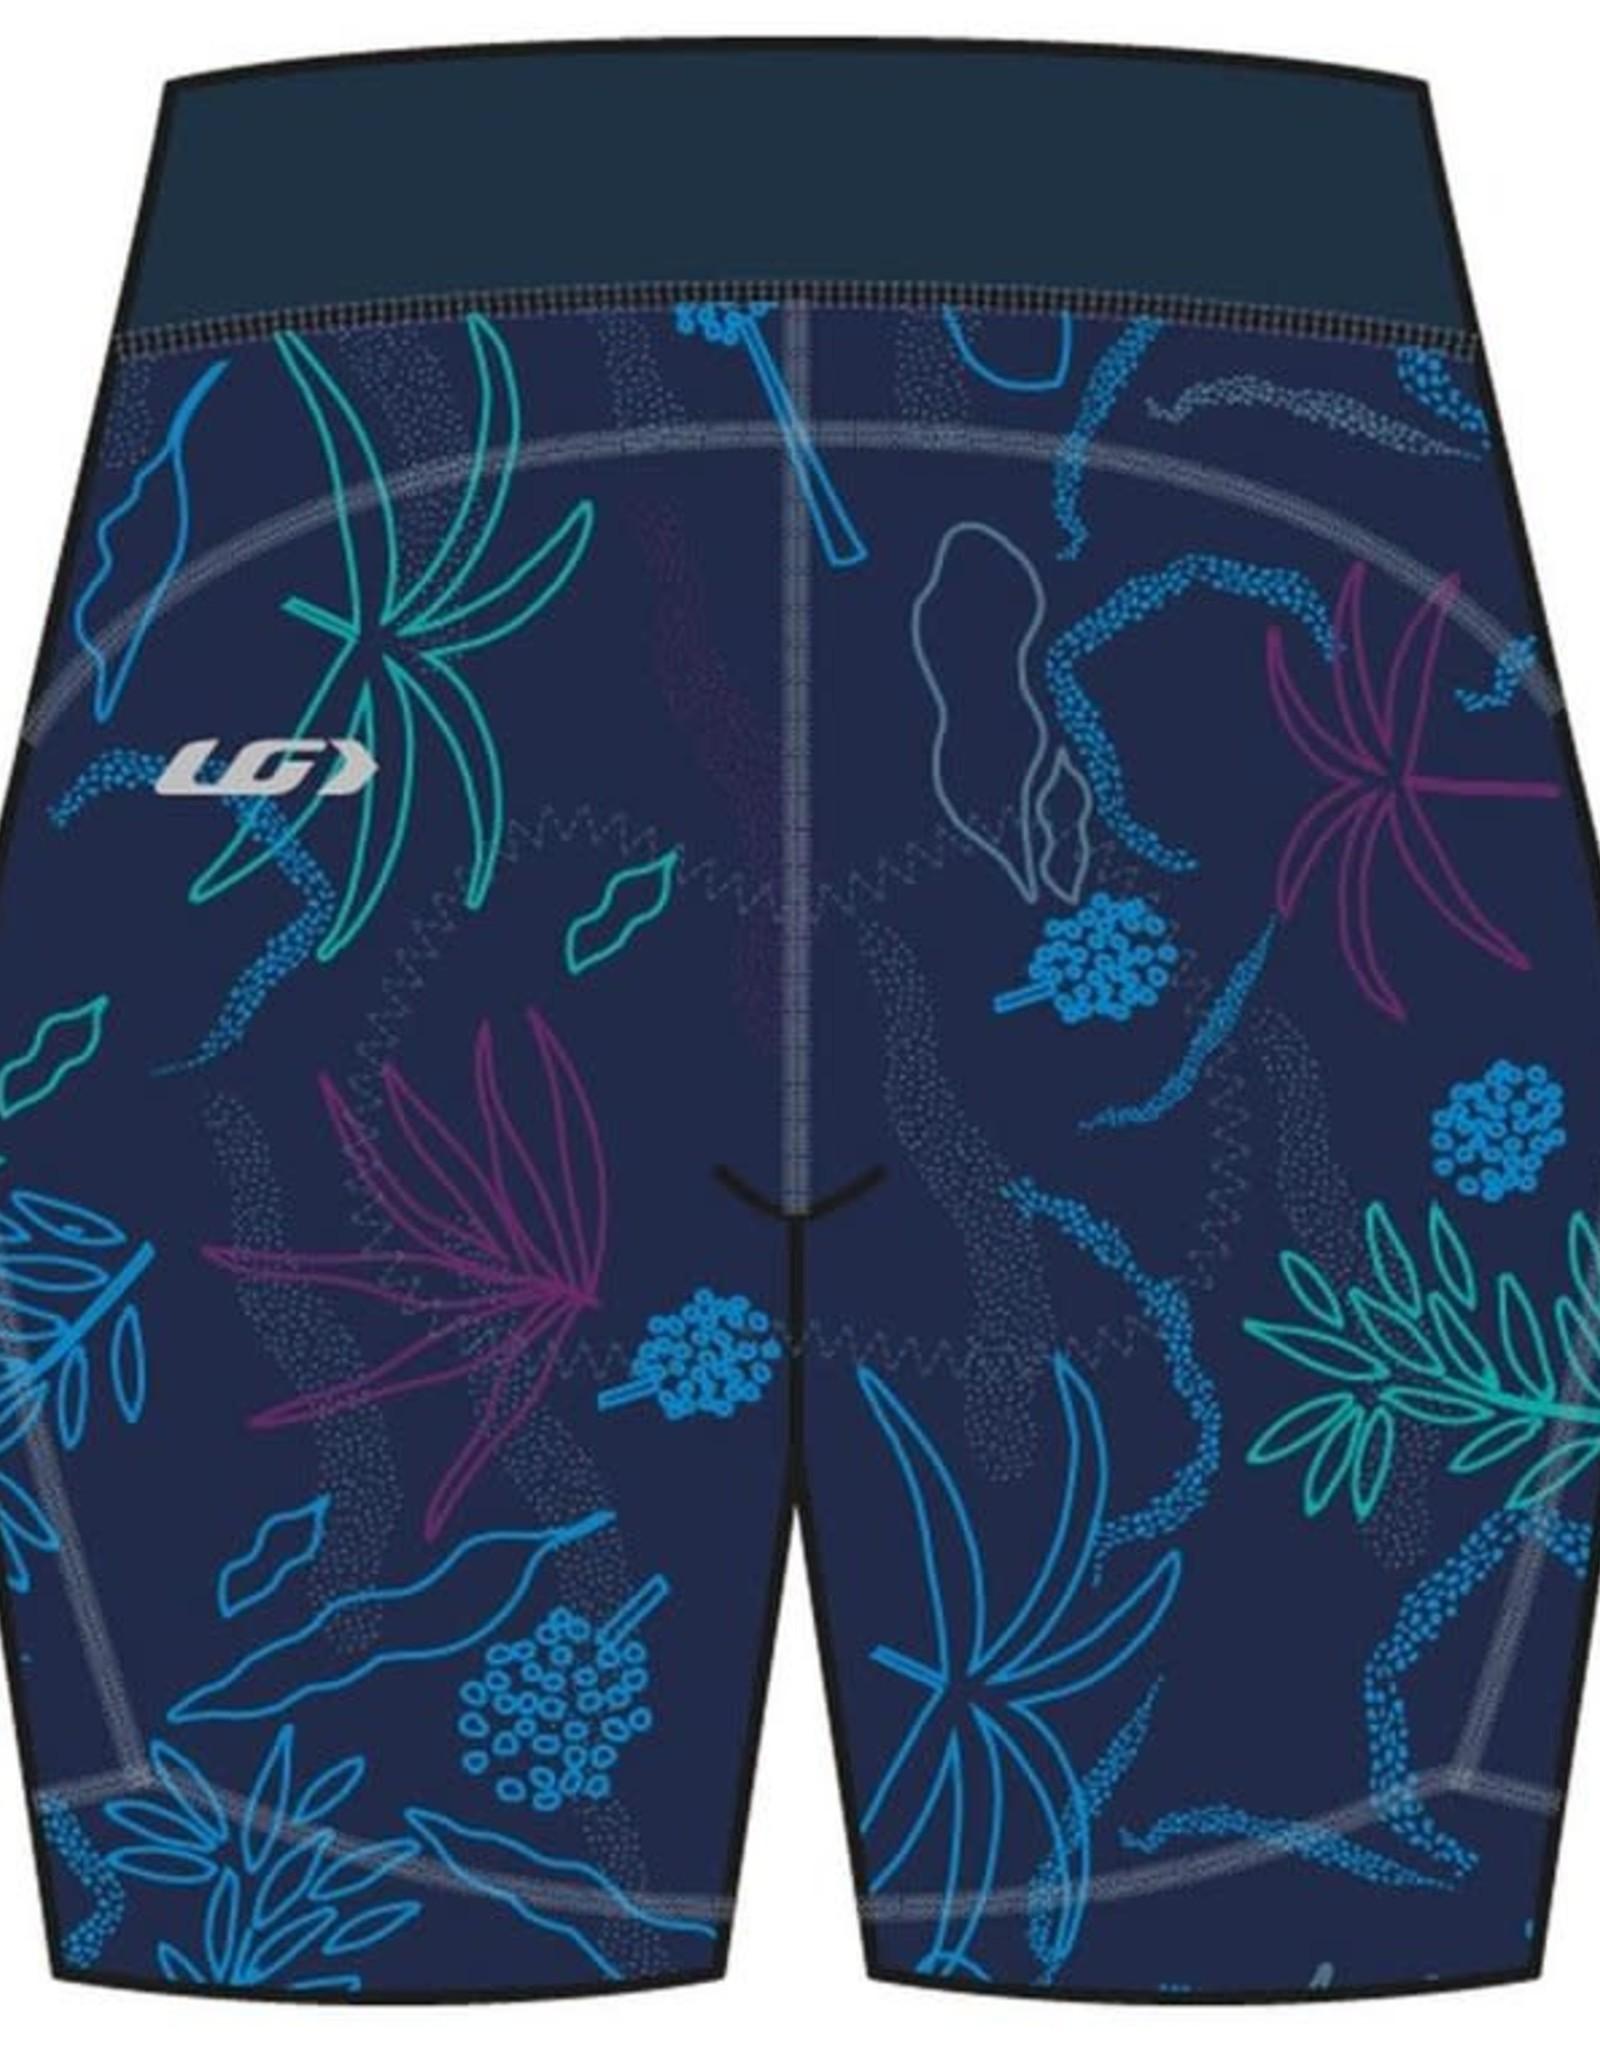 GARNEAU LOUIS GARNEAU WOMEN'S NEO POWER ART MOTION 7 SHORTS BLUE/FLOWERS S